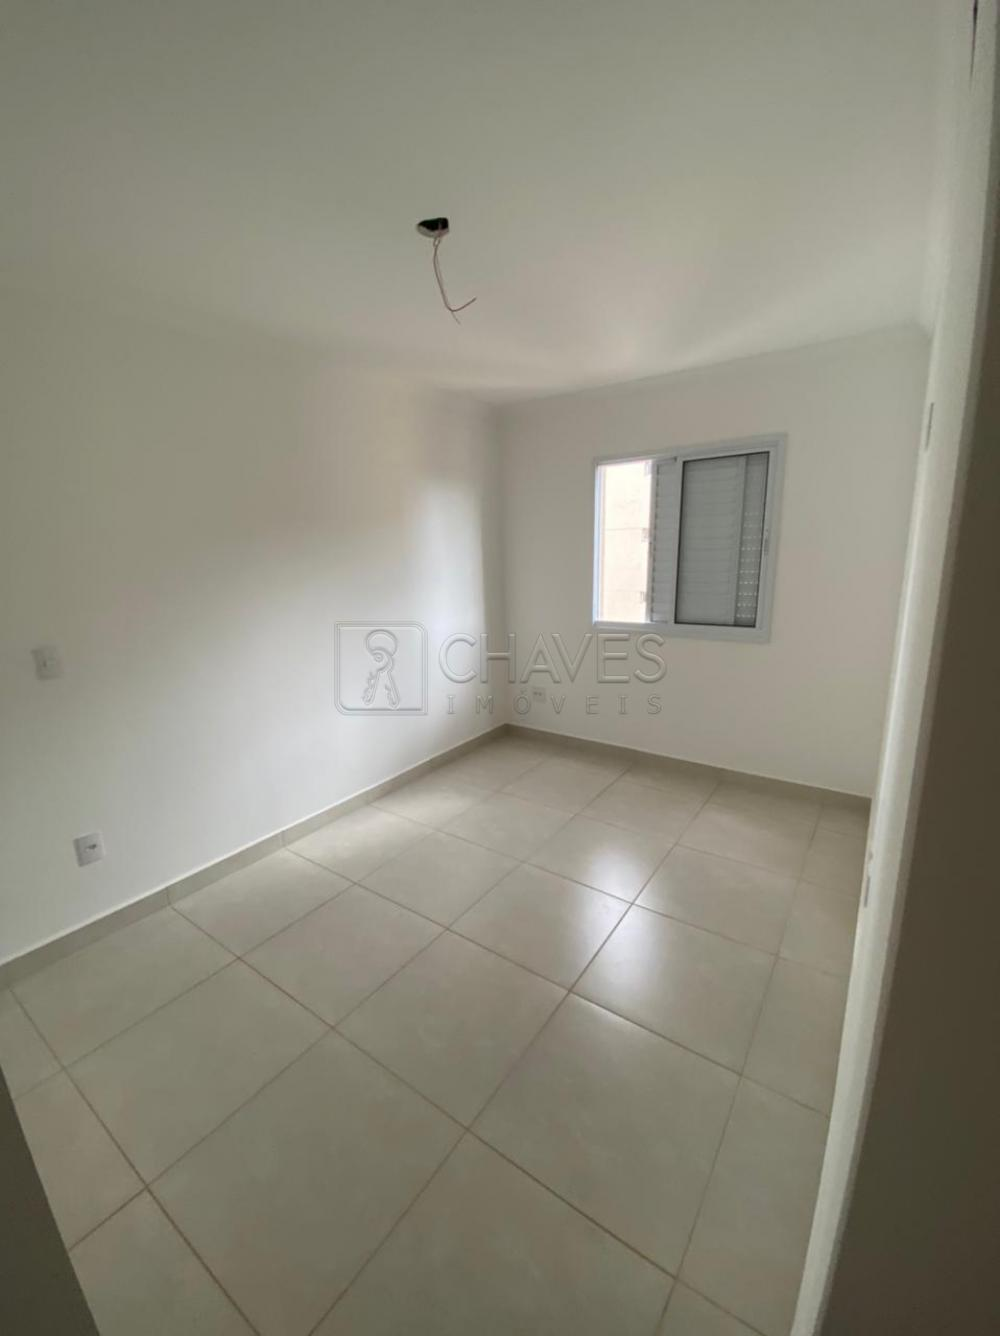 Comprar Apartamento / Padrão em Ribeirão Preto R$ 400.000,00 - Foto 11